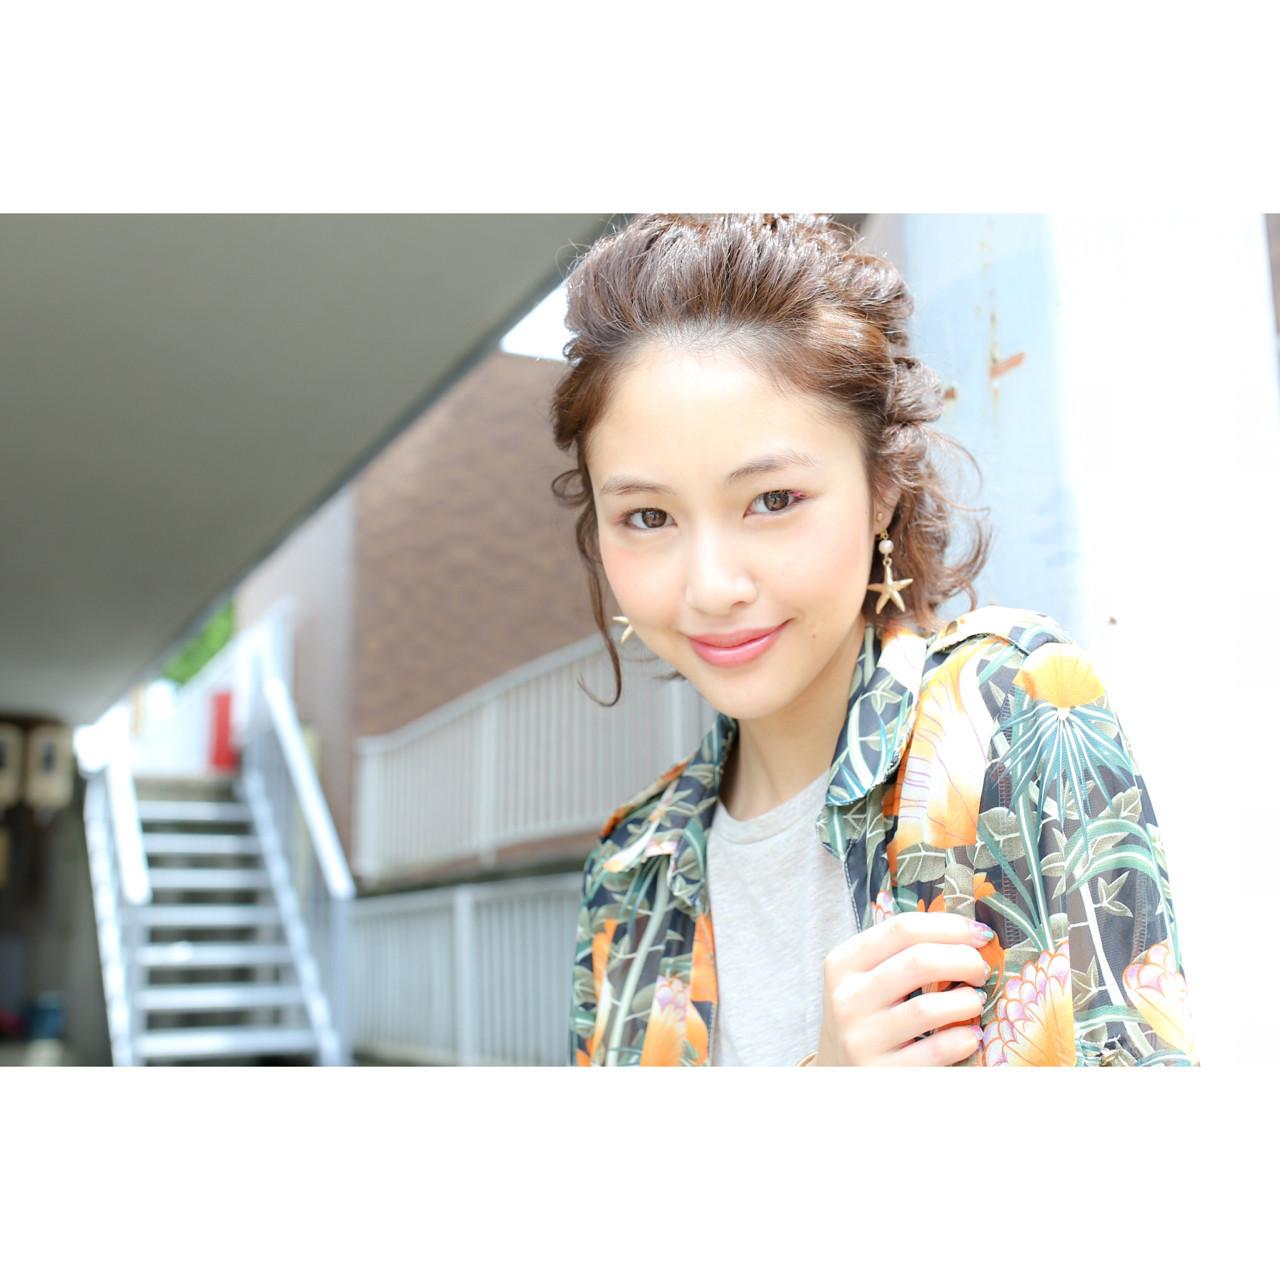 【美容師直伝】ロブがかわいく見える♡おすすめヘアアレンジ集 Kinji Onoda | Noblesse oblige